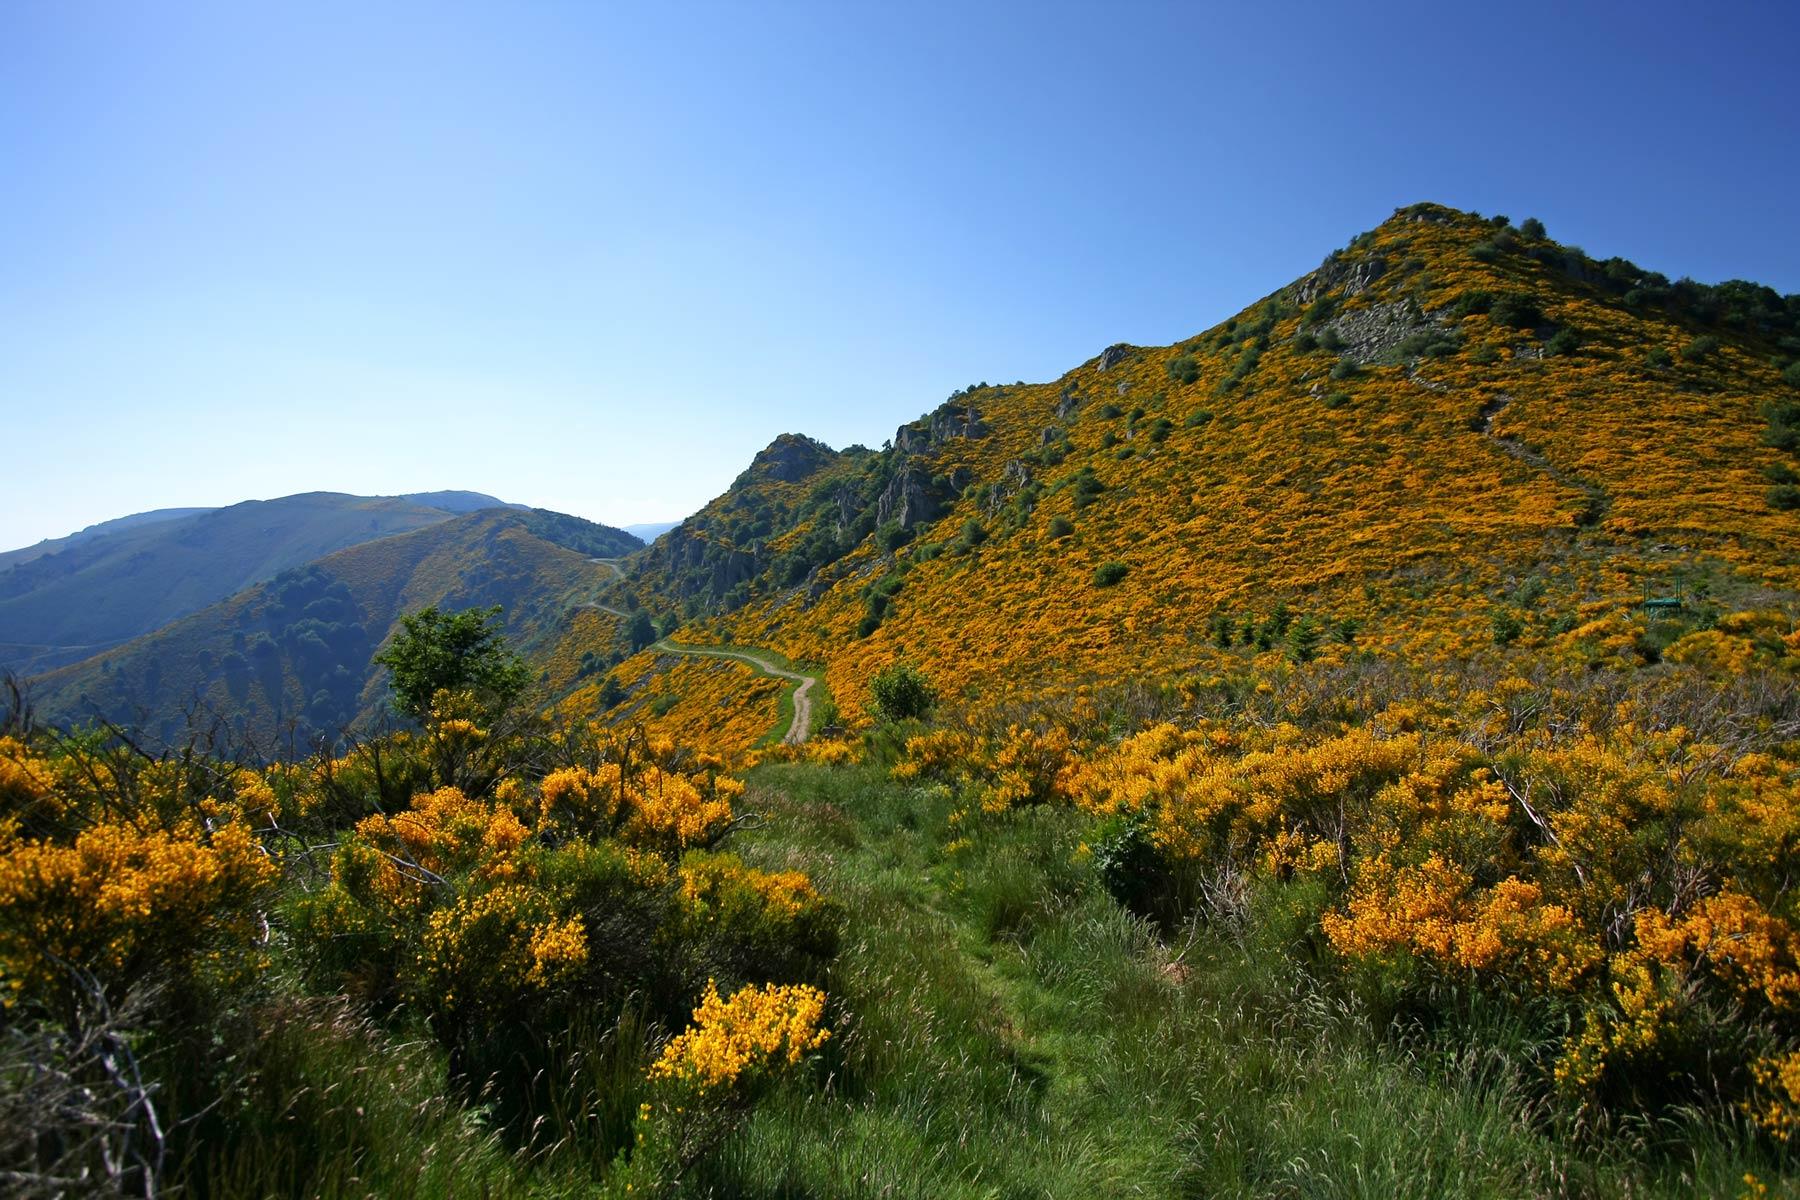 La Souche - Le Mont Aigu